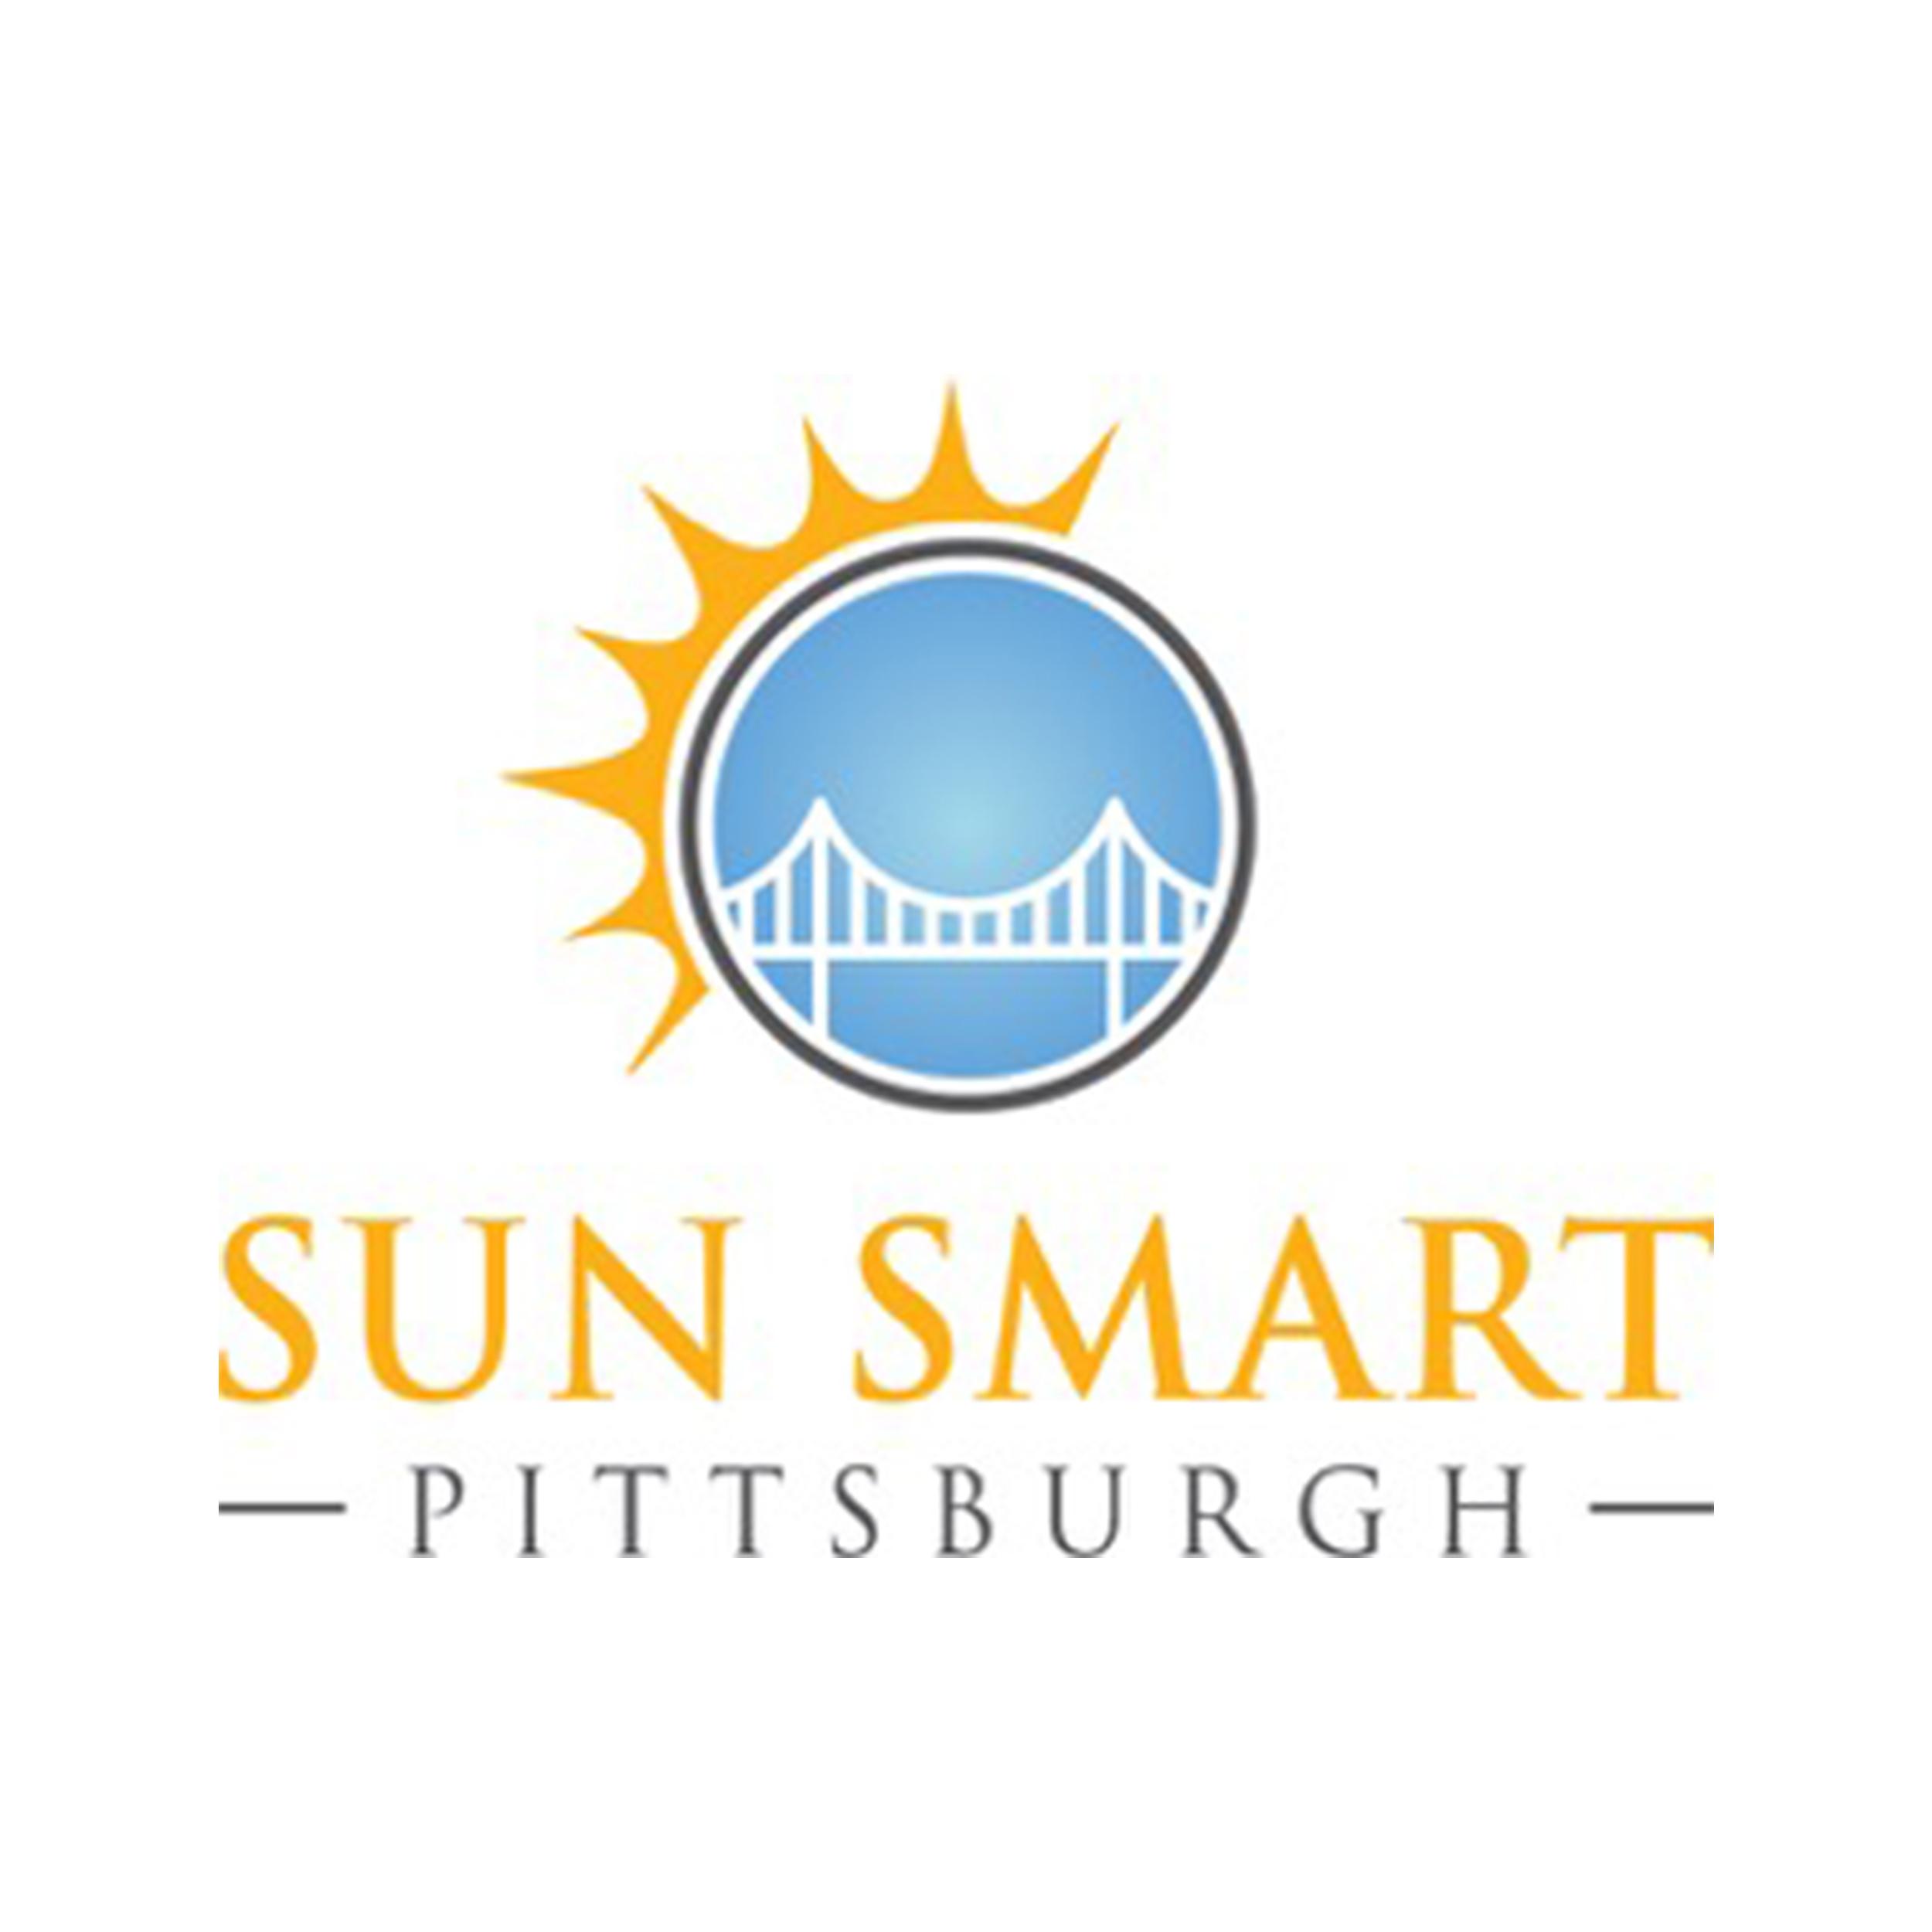 SunSmartWebsite.jpg